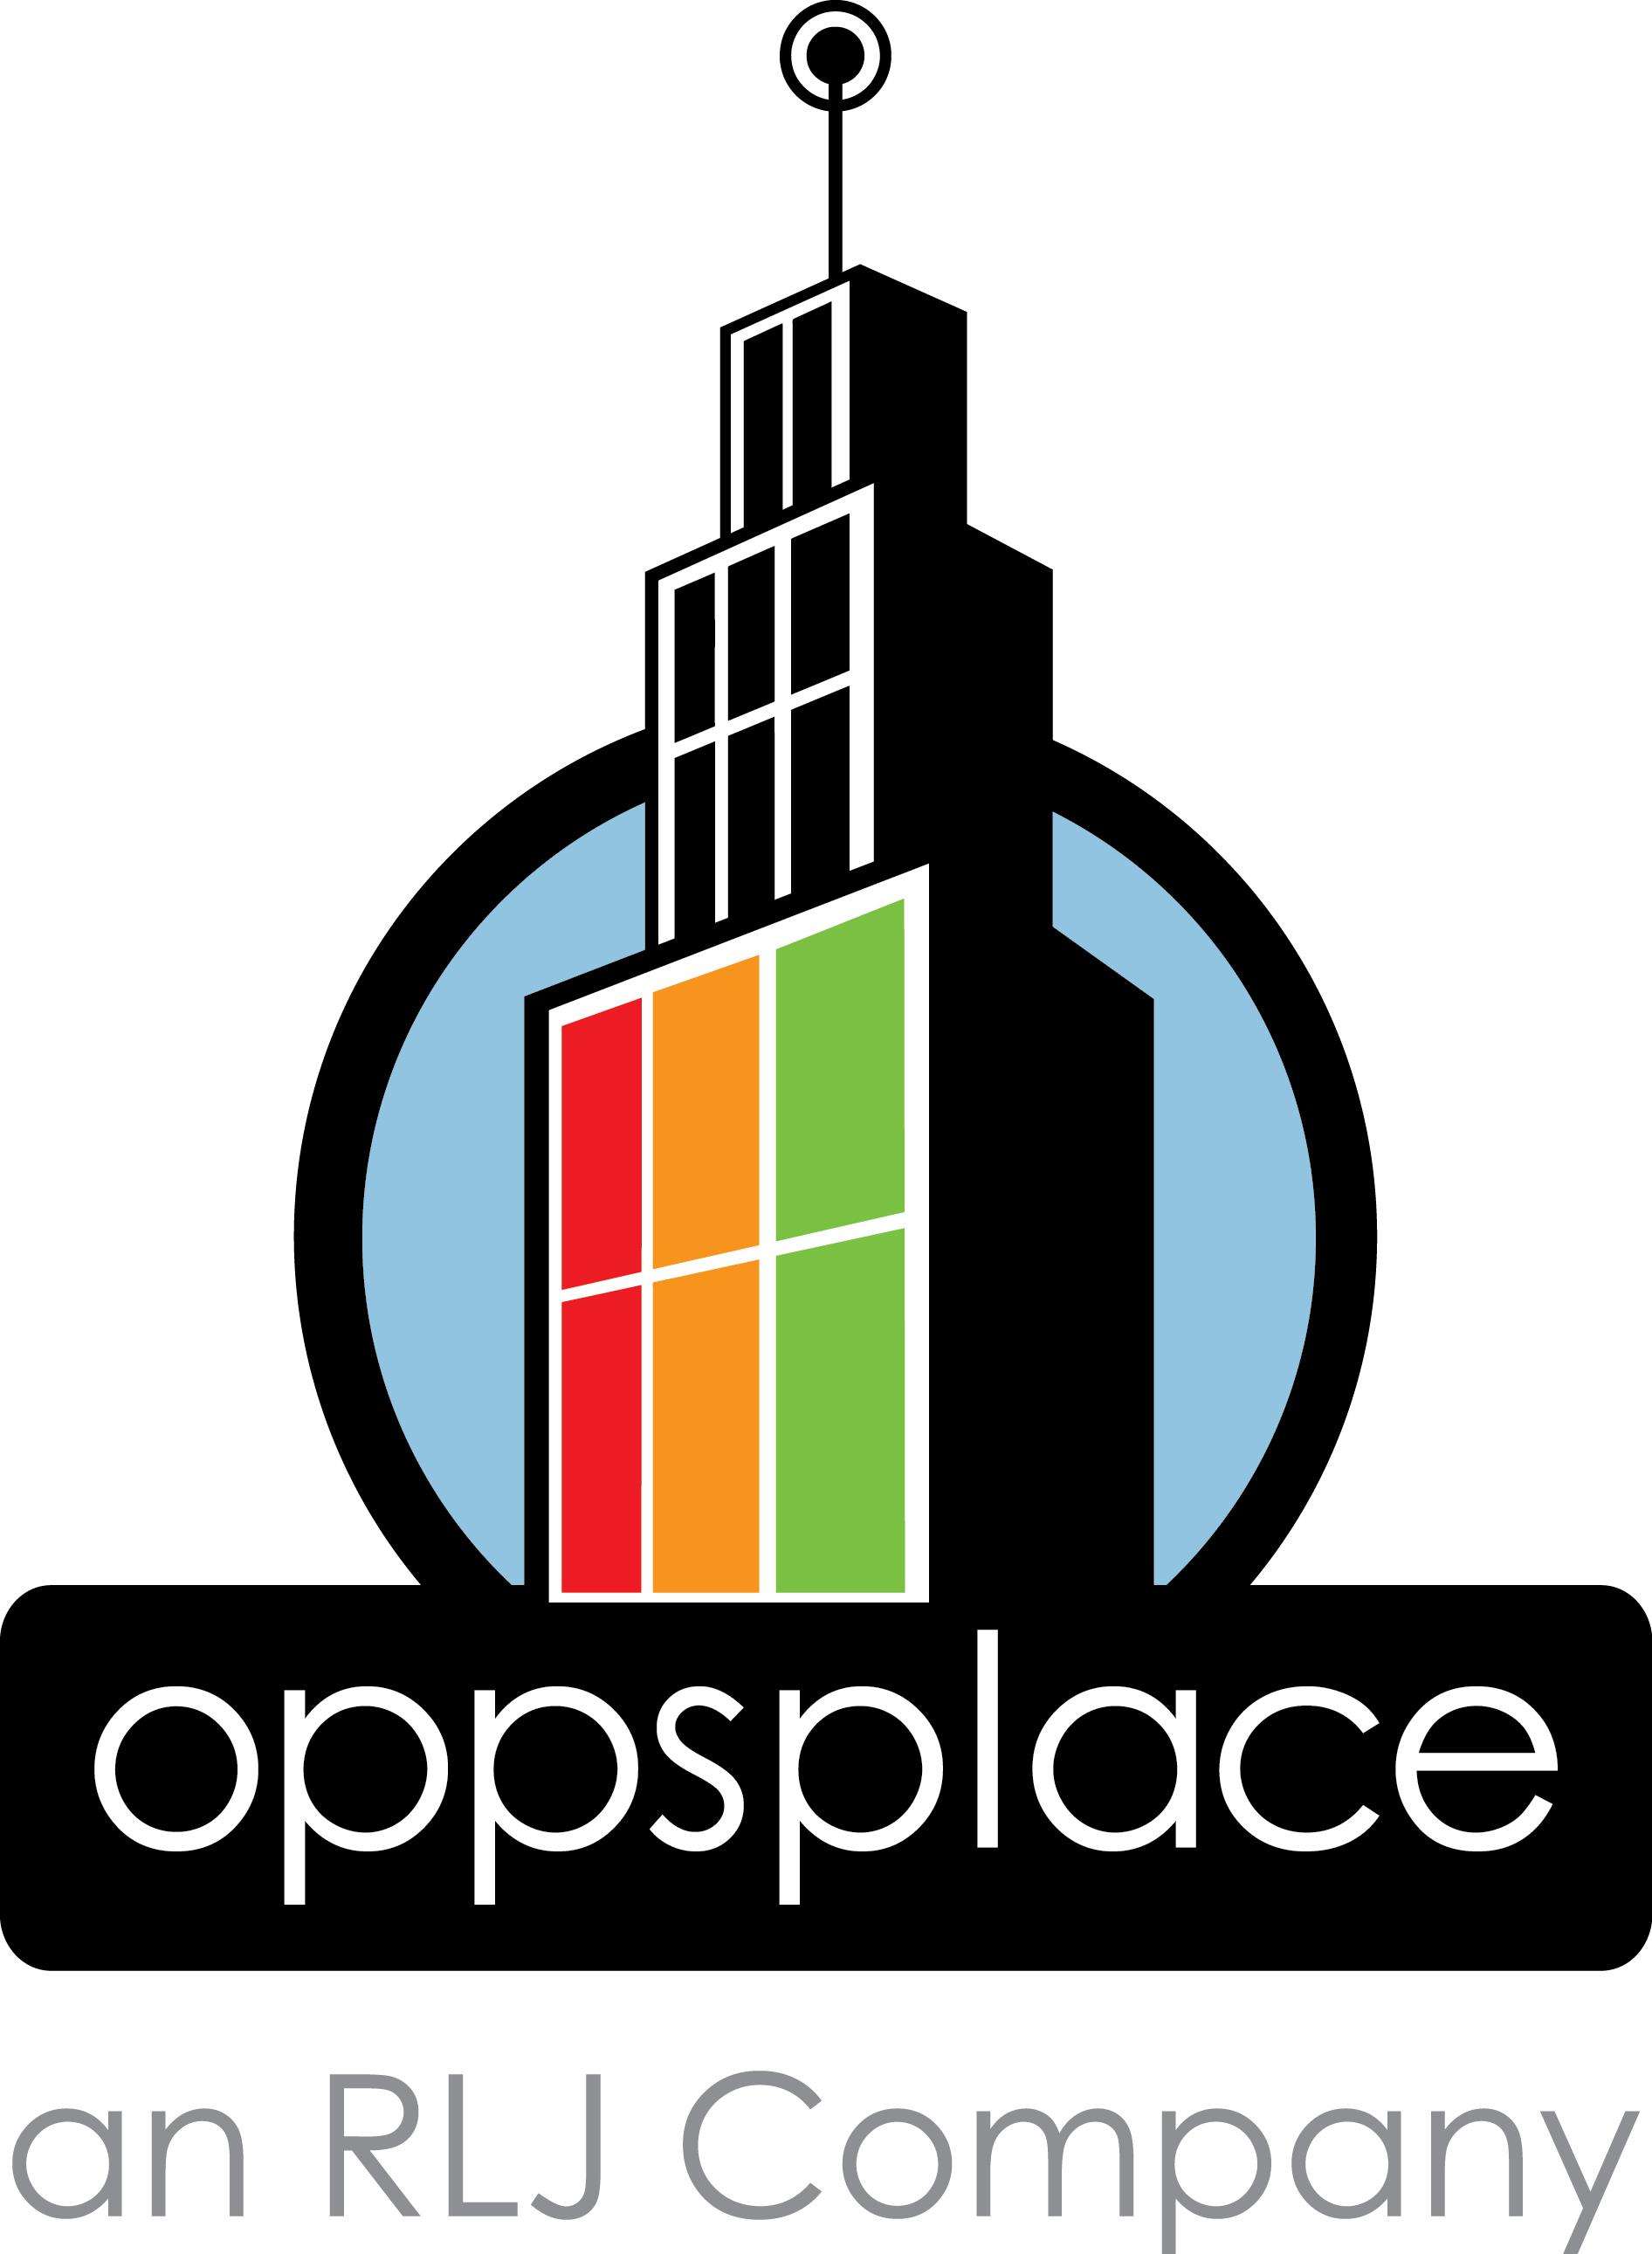 OppsPlace